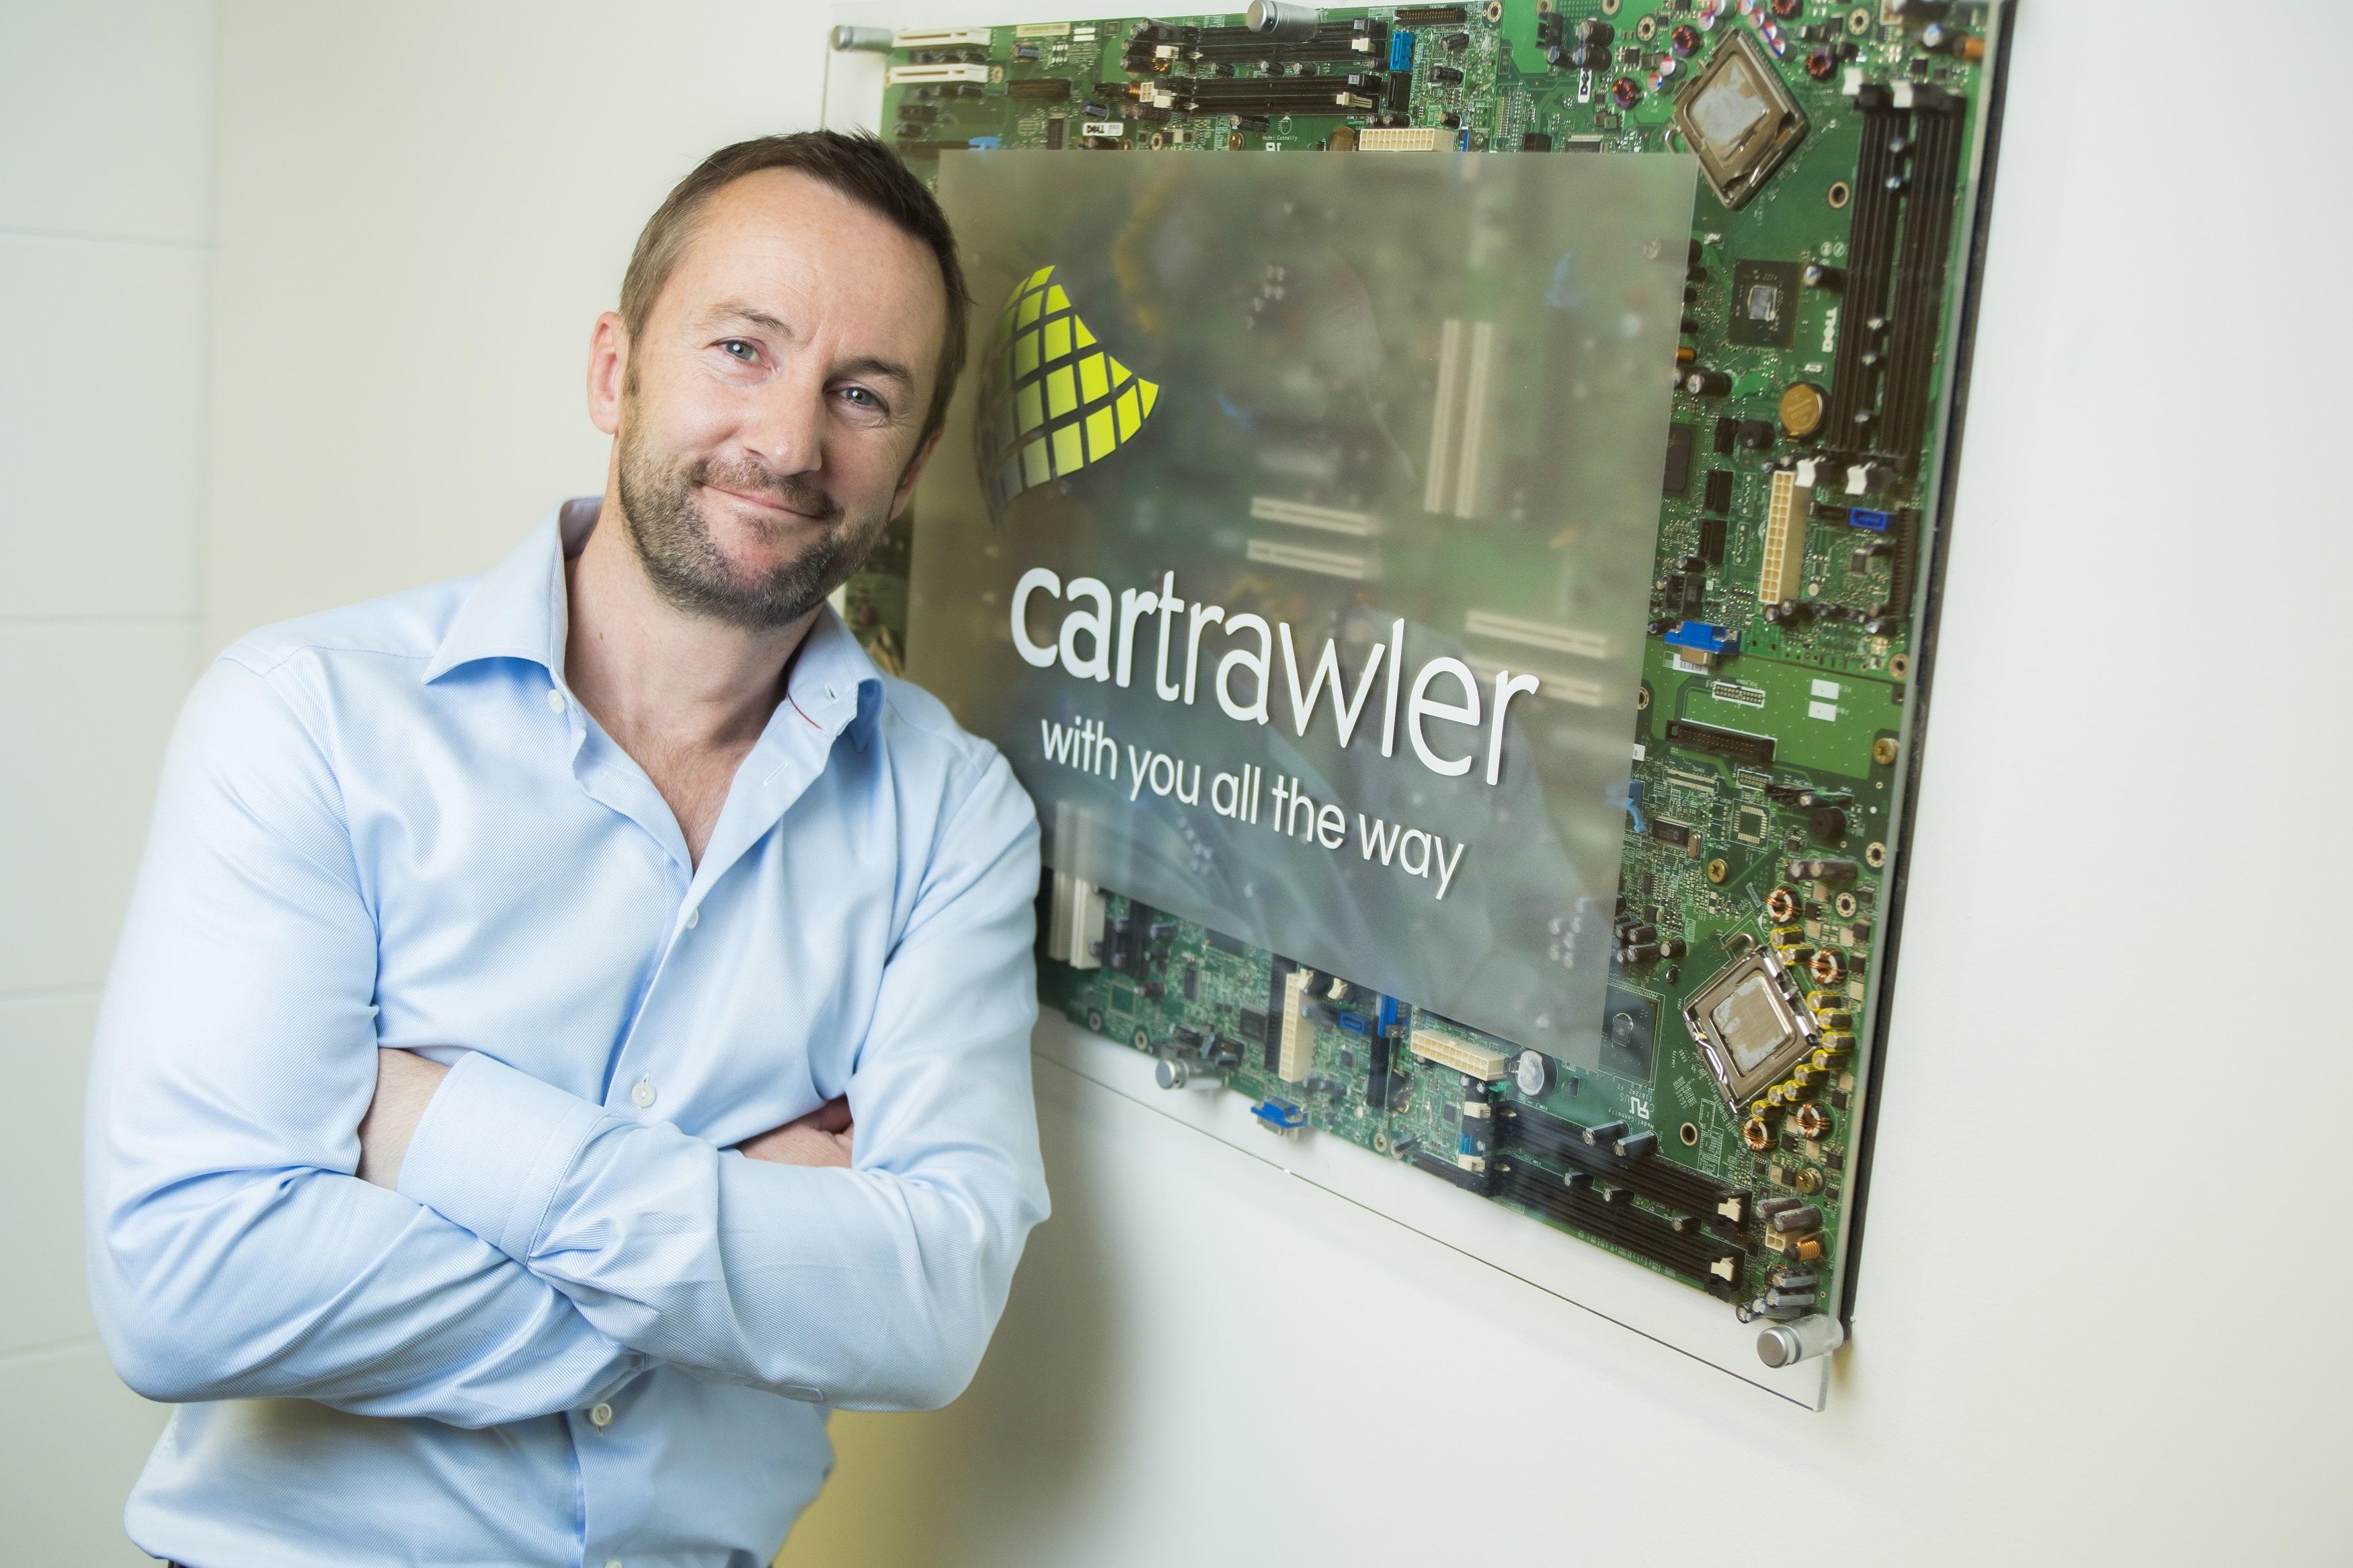 CarTrawler、イノベーションへの注力によって世界をリードする企業に成長